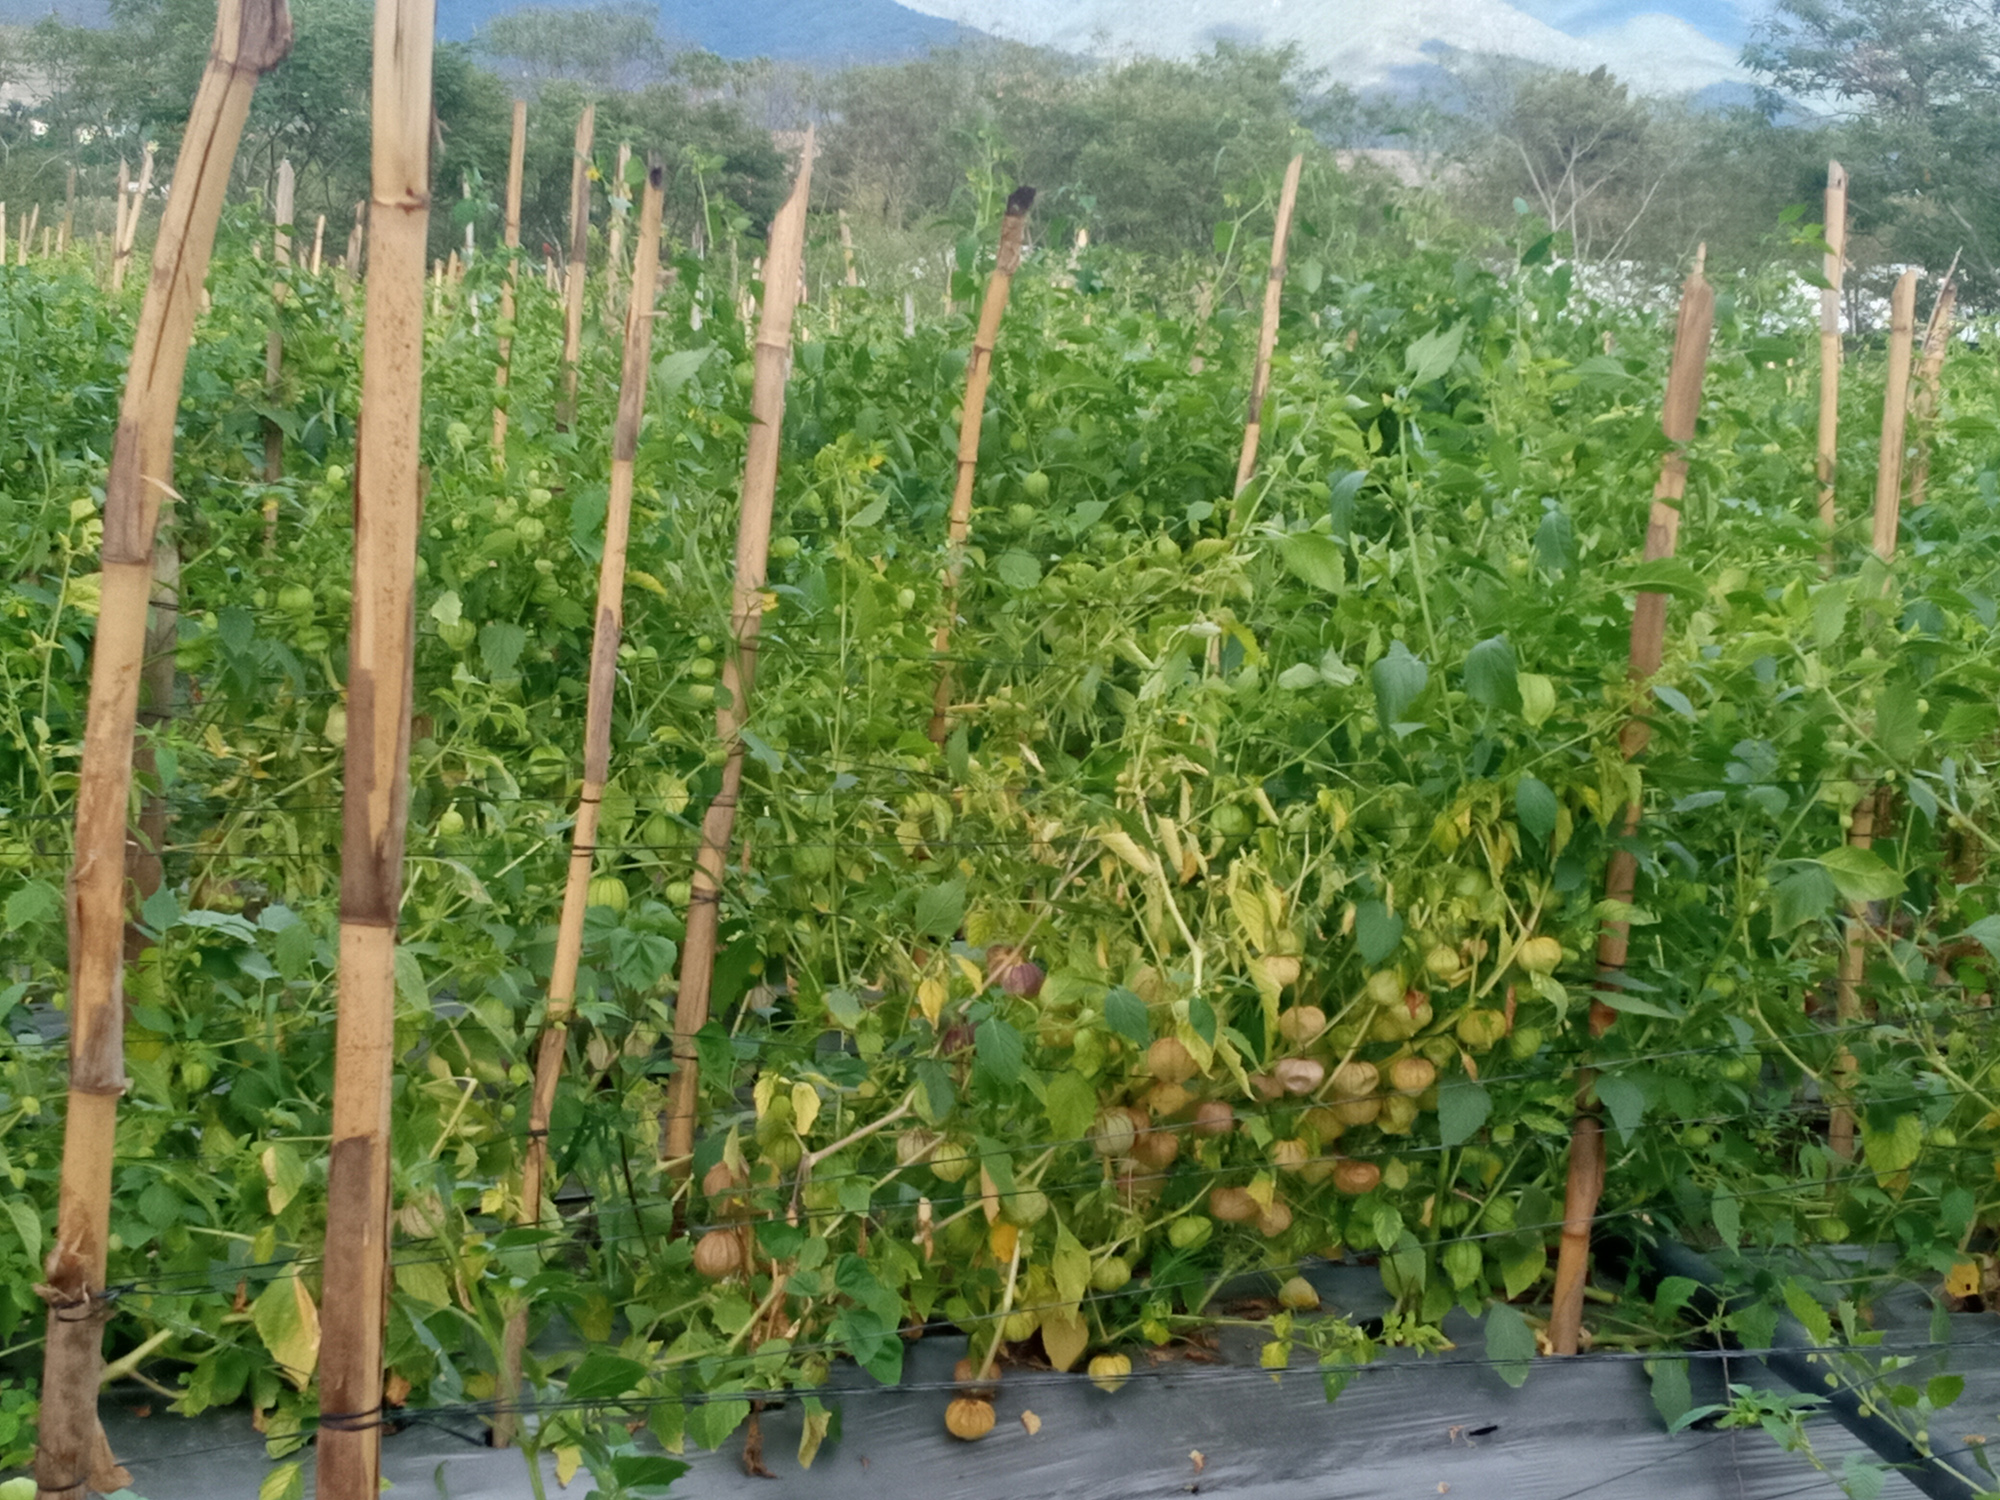 Desisten tomateros a sus cosechas por falta de apoyo | El Imparcial de Oaxaca